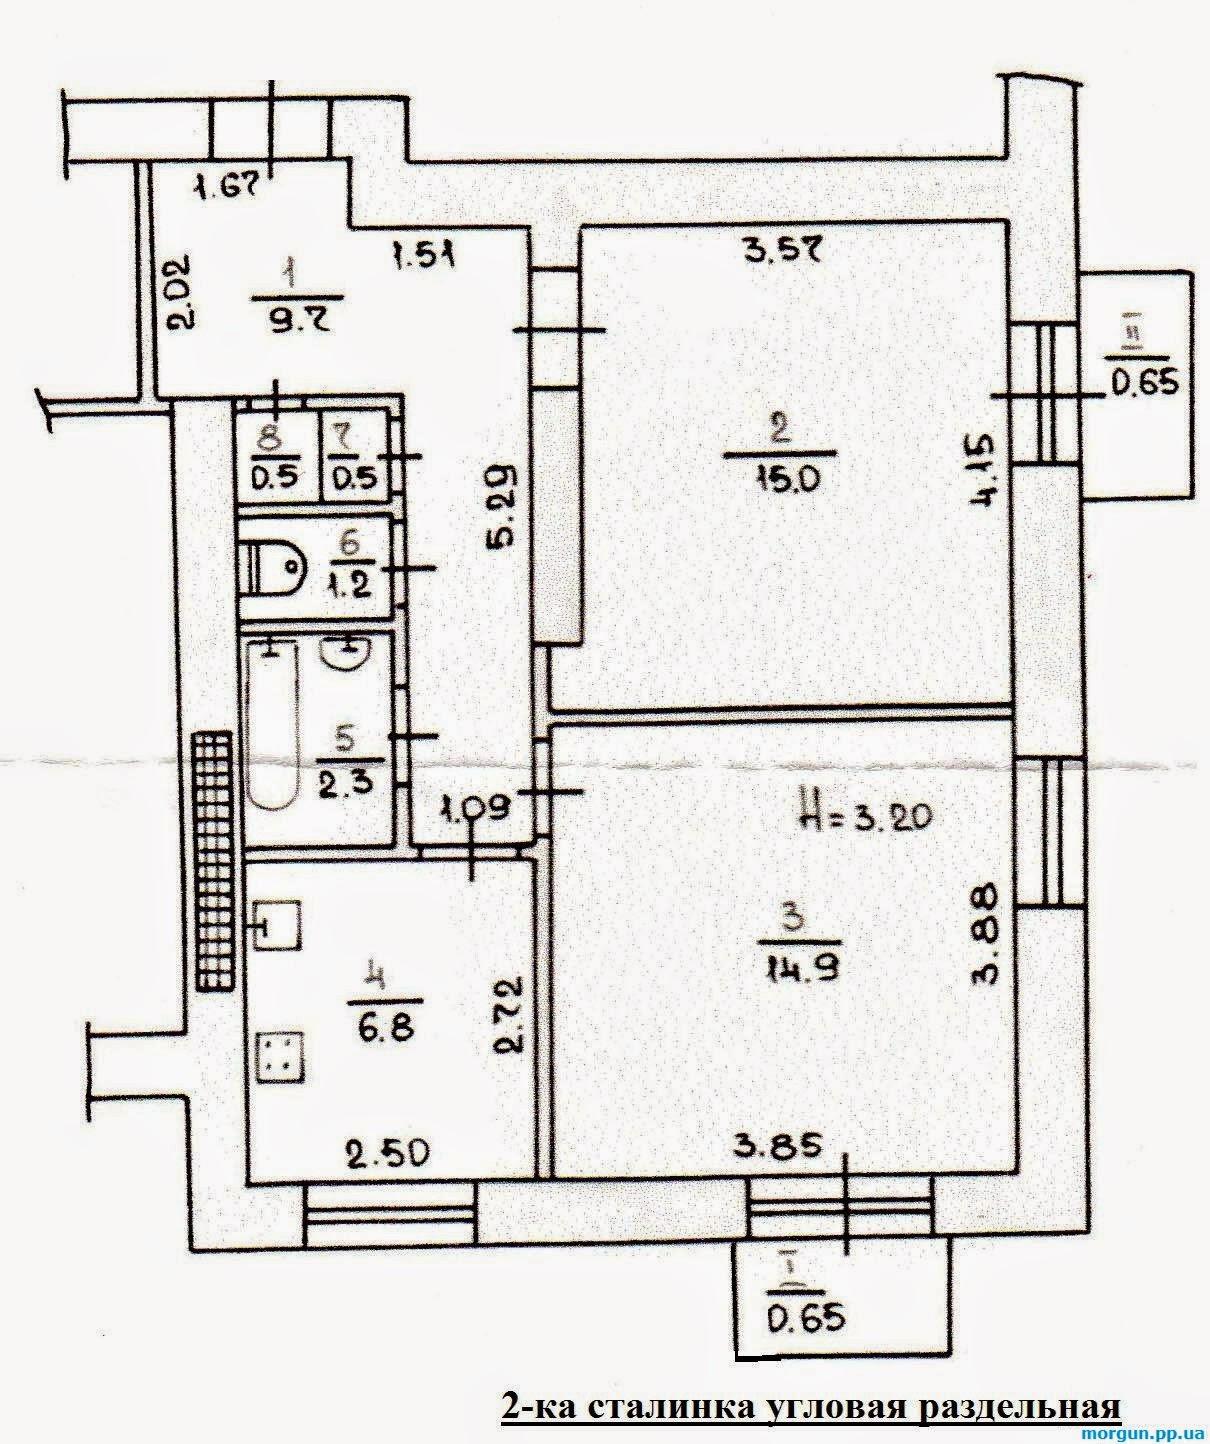 Типовые планировки квартир в городе кривой рог - продажа ква.